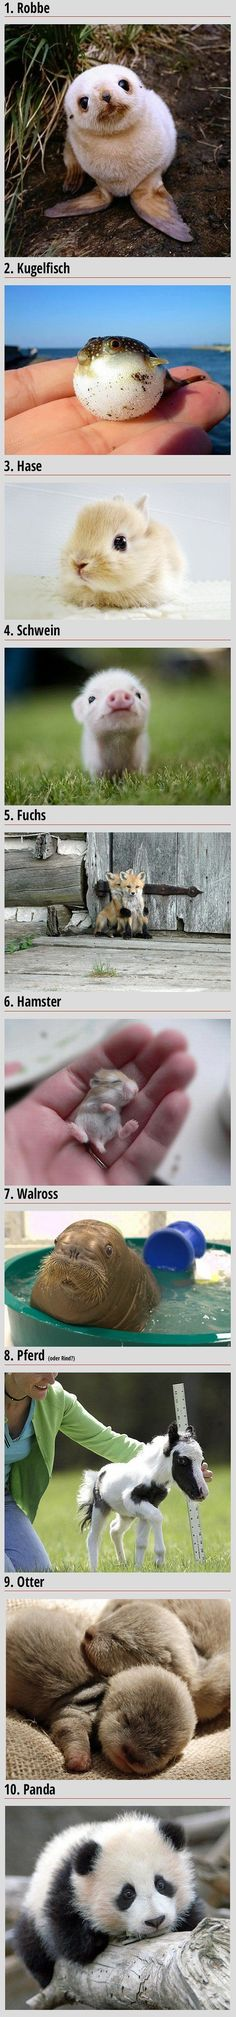 Die süßesten Tierbabys der Welt, Teil 2 - Cuteness Overload Bild | Webfail - Fail Bilder und Fail Videos http://ibeebz.com